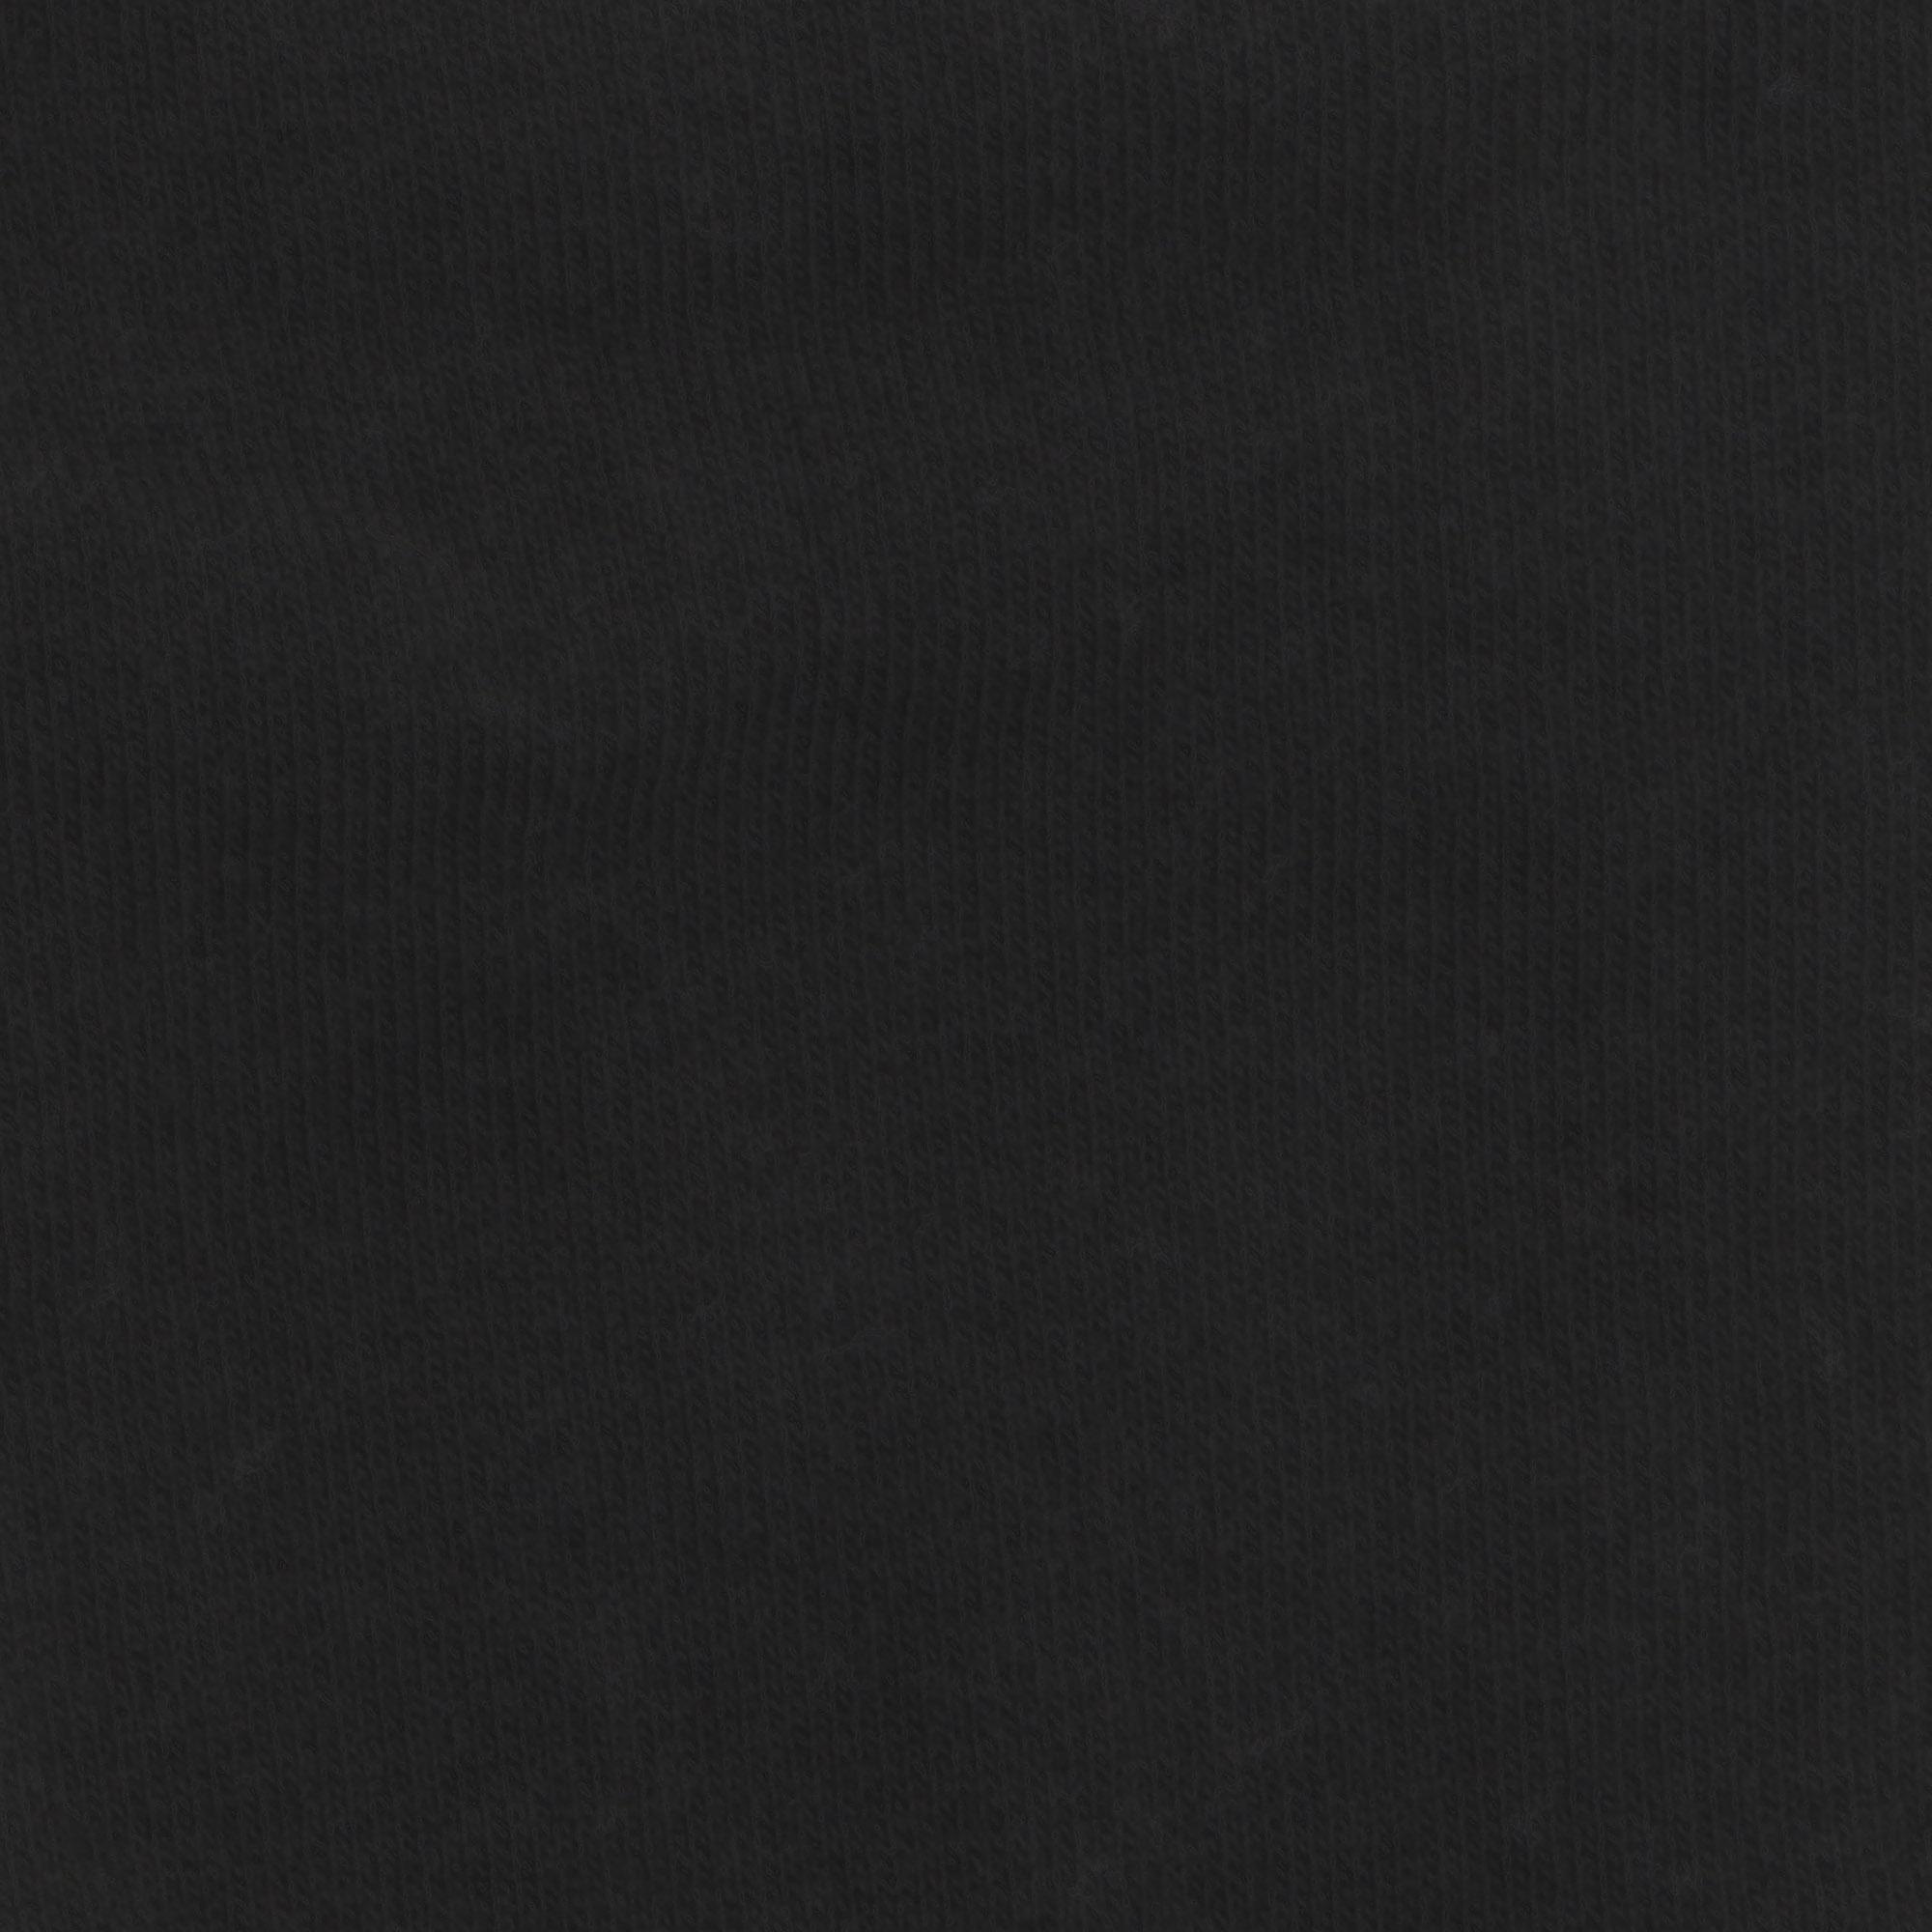 Носки мужские Lucky Socks 25-27 черные 1 пара